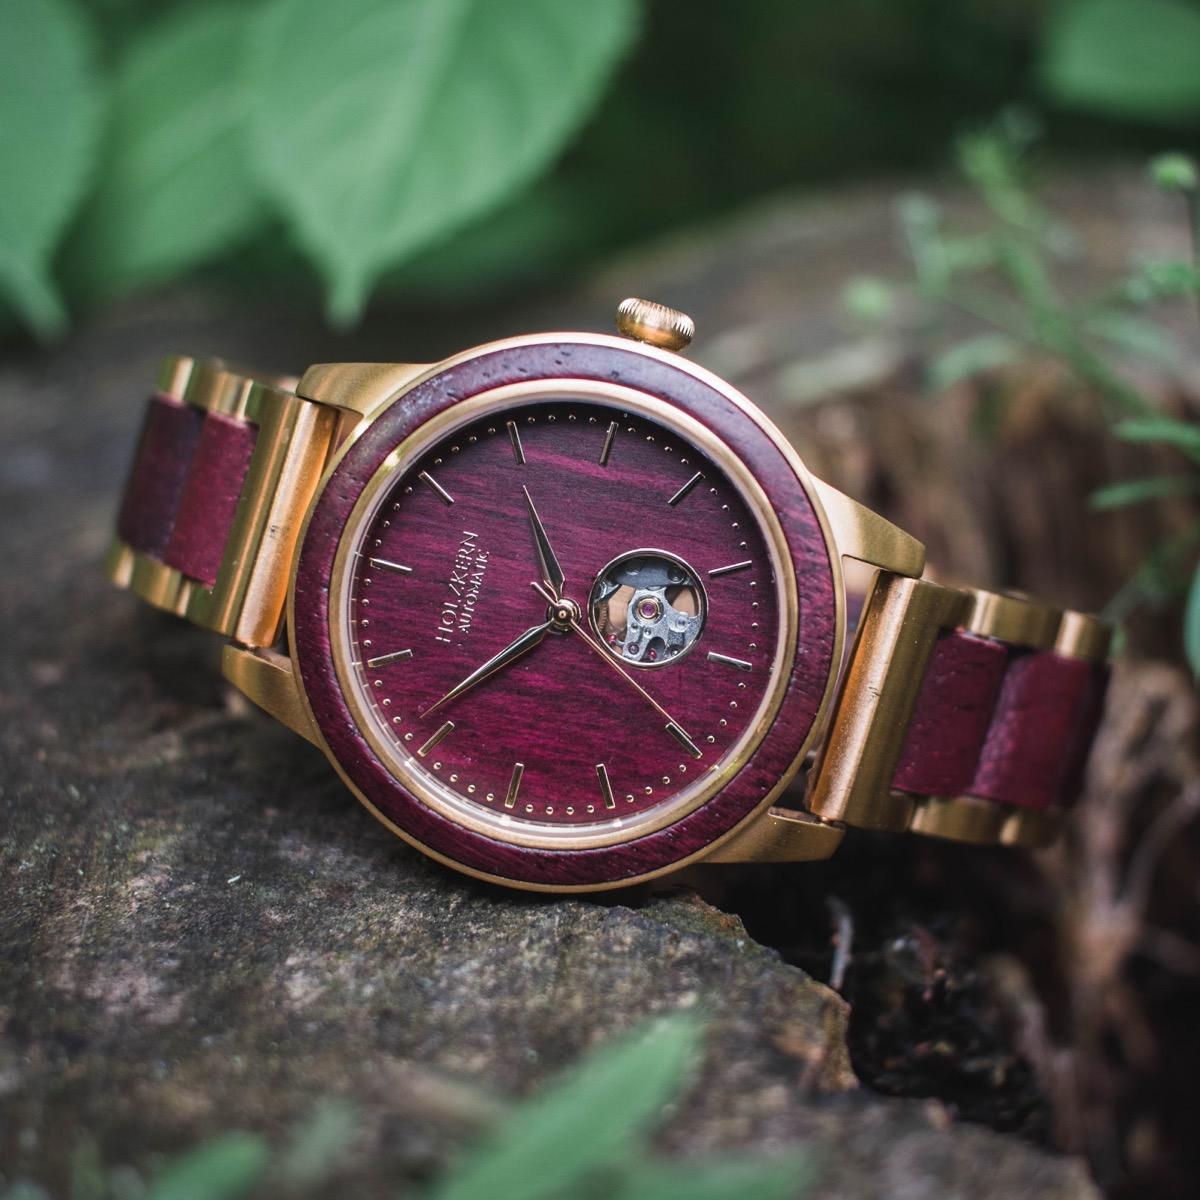 Holzkern Holzuhr Tokio mit Automatik-Uhrwerk im Wald